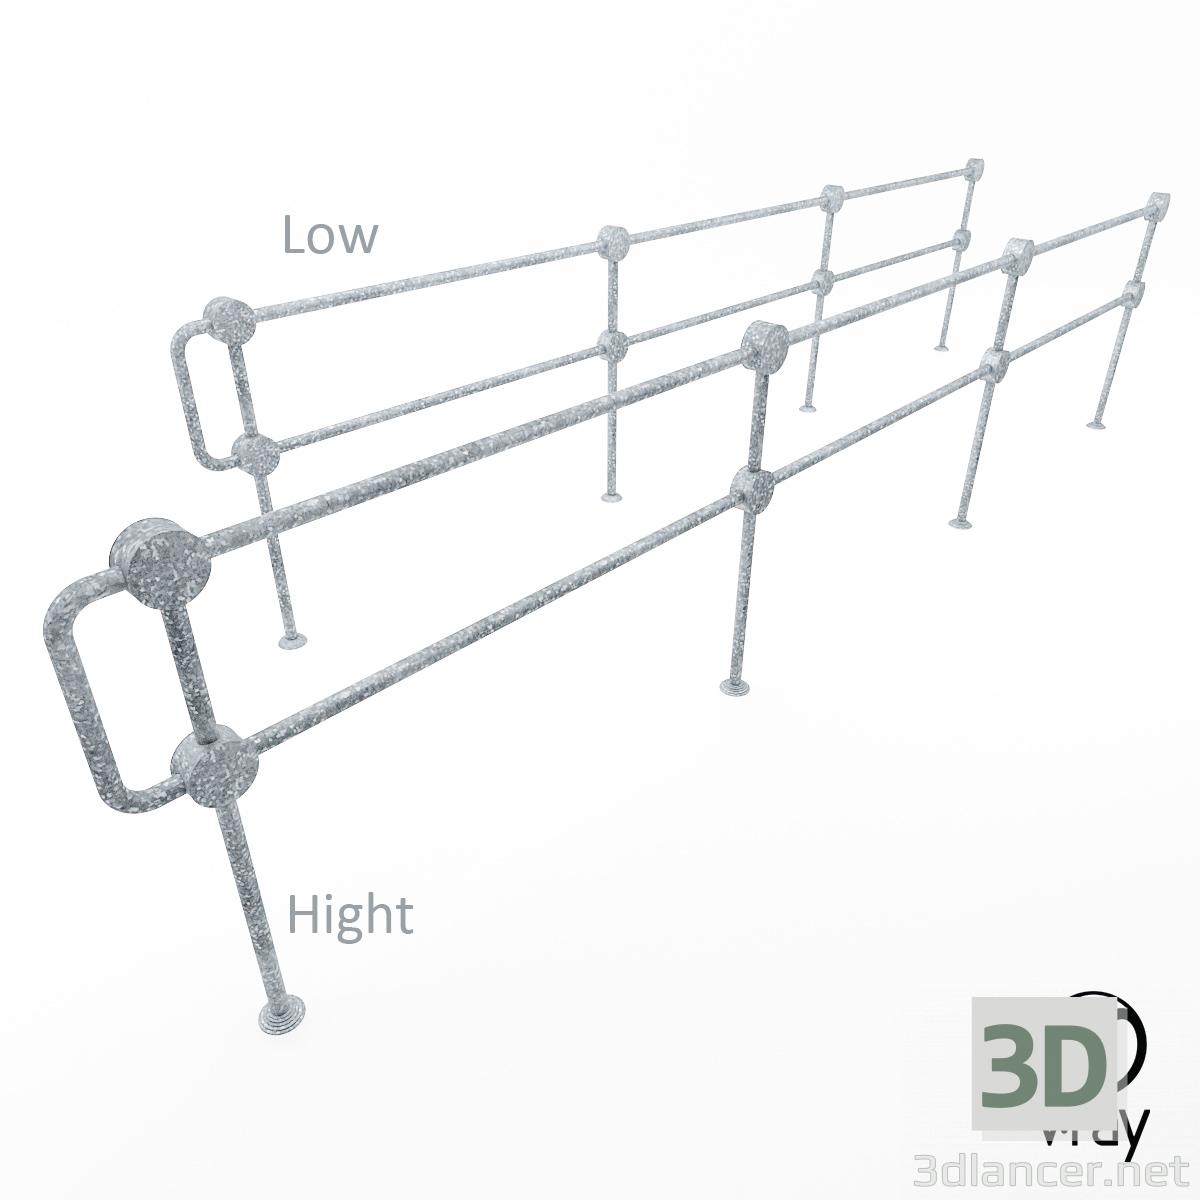 3d Пішохідний огорожу ПО-2 модель купити - зображення